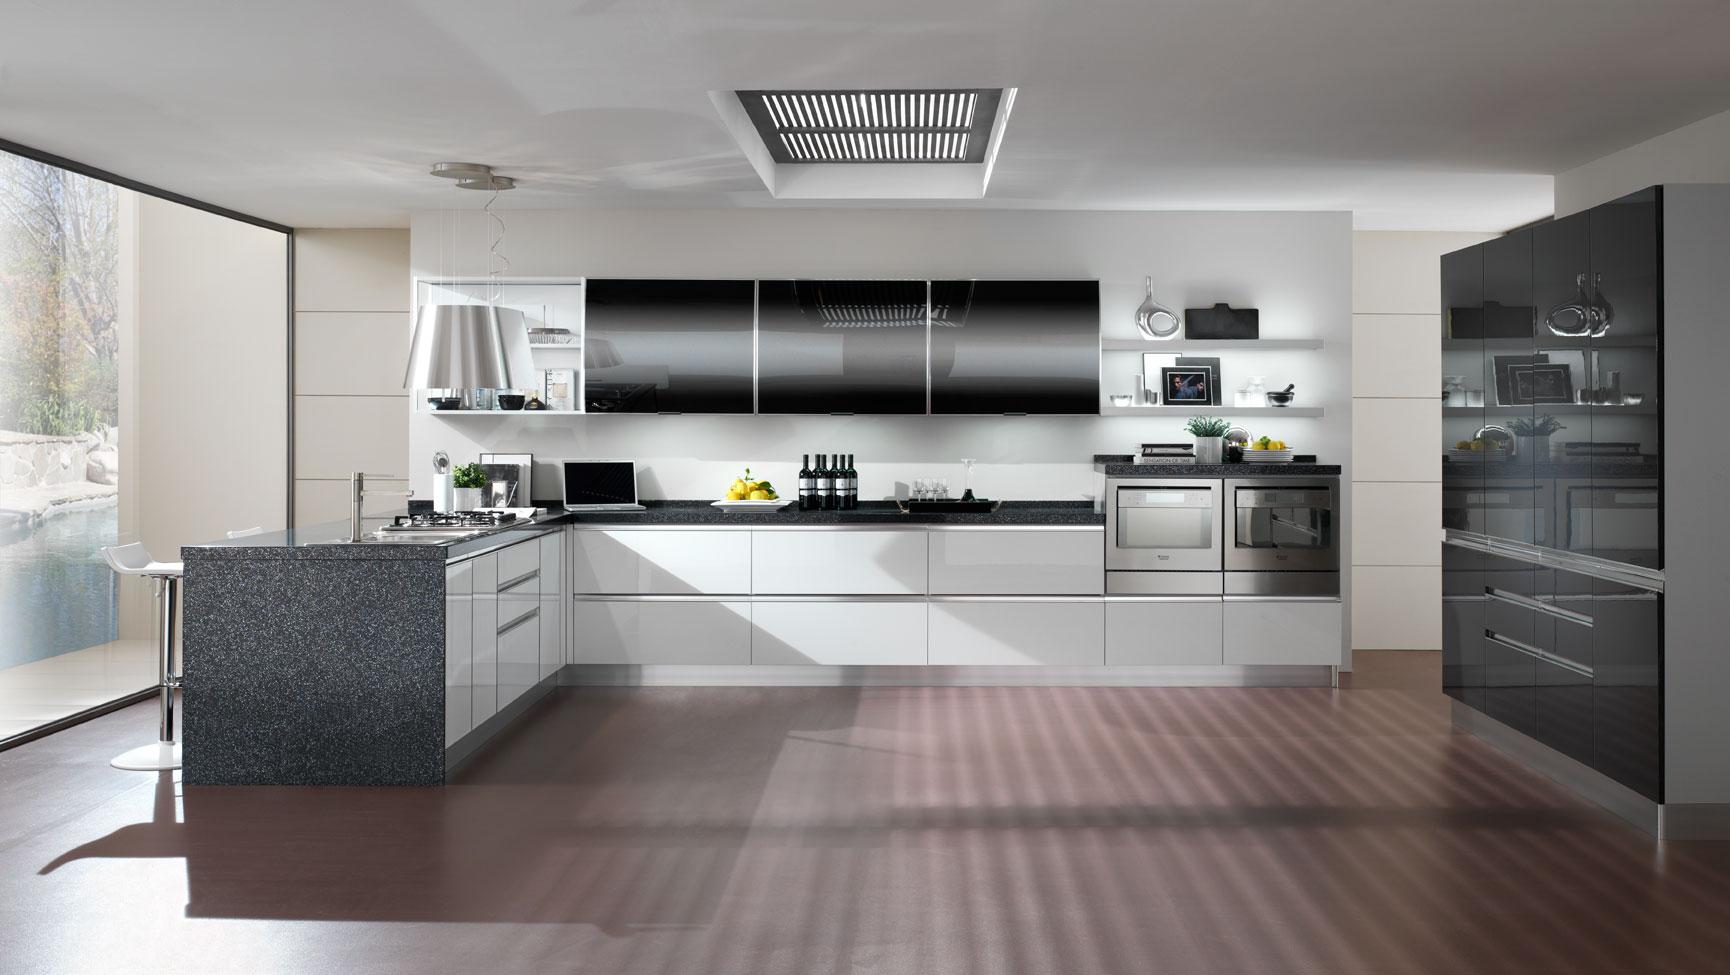 Scegliere il Tappeto Giusto per la Cucina | Morandi Tappeti